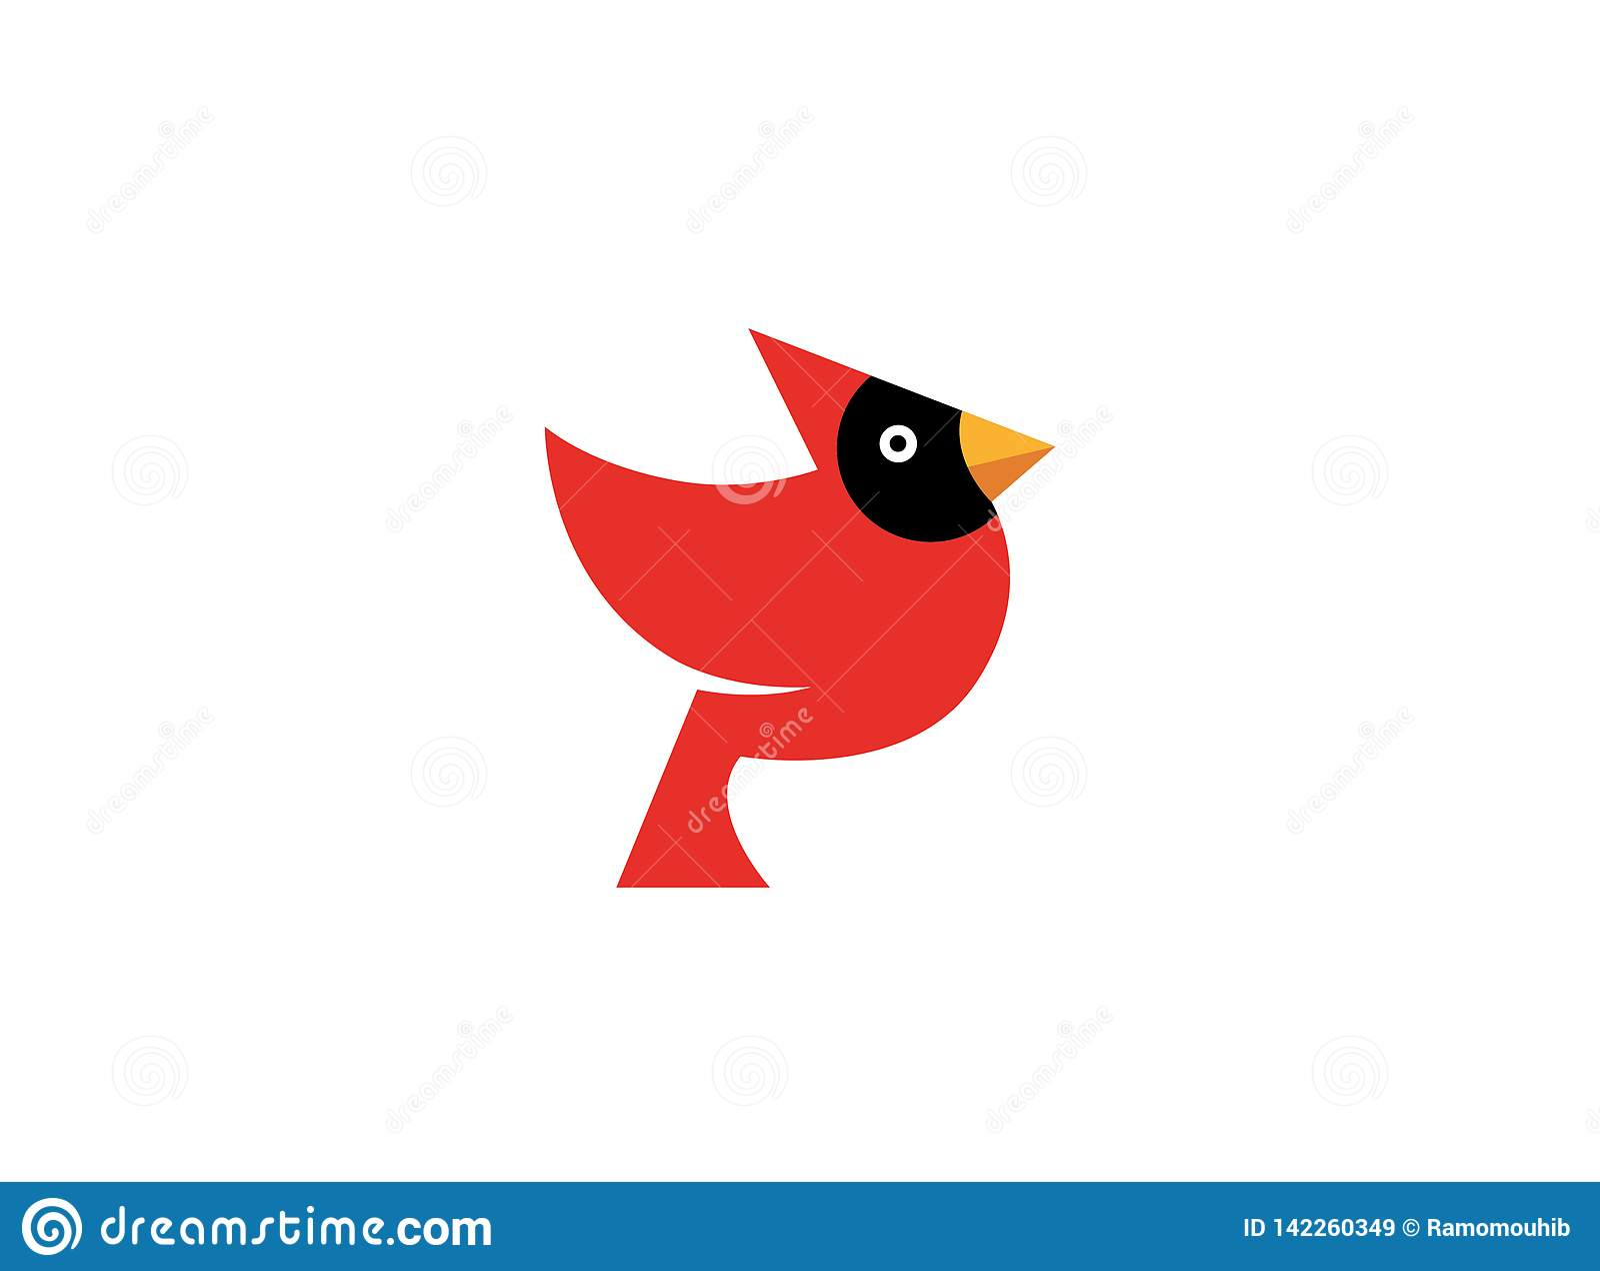 Rode Vogel met zwart gezicht en gele bek